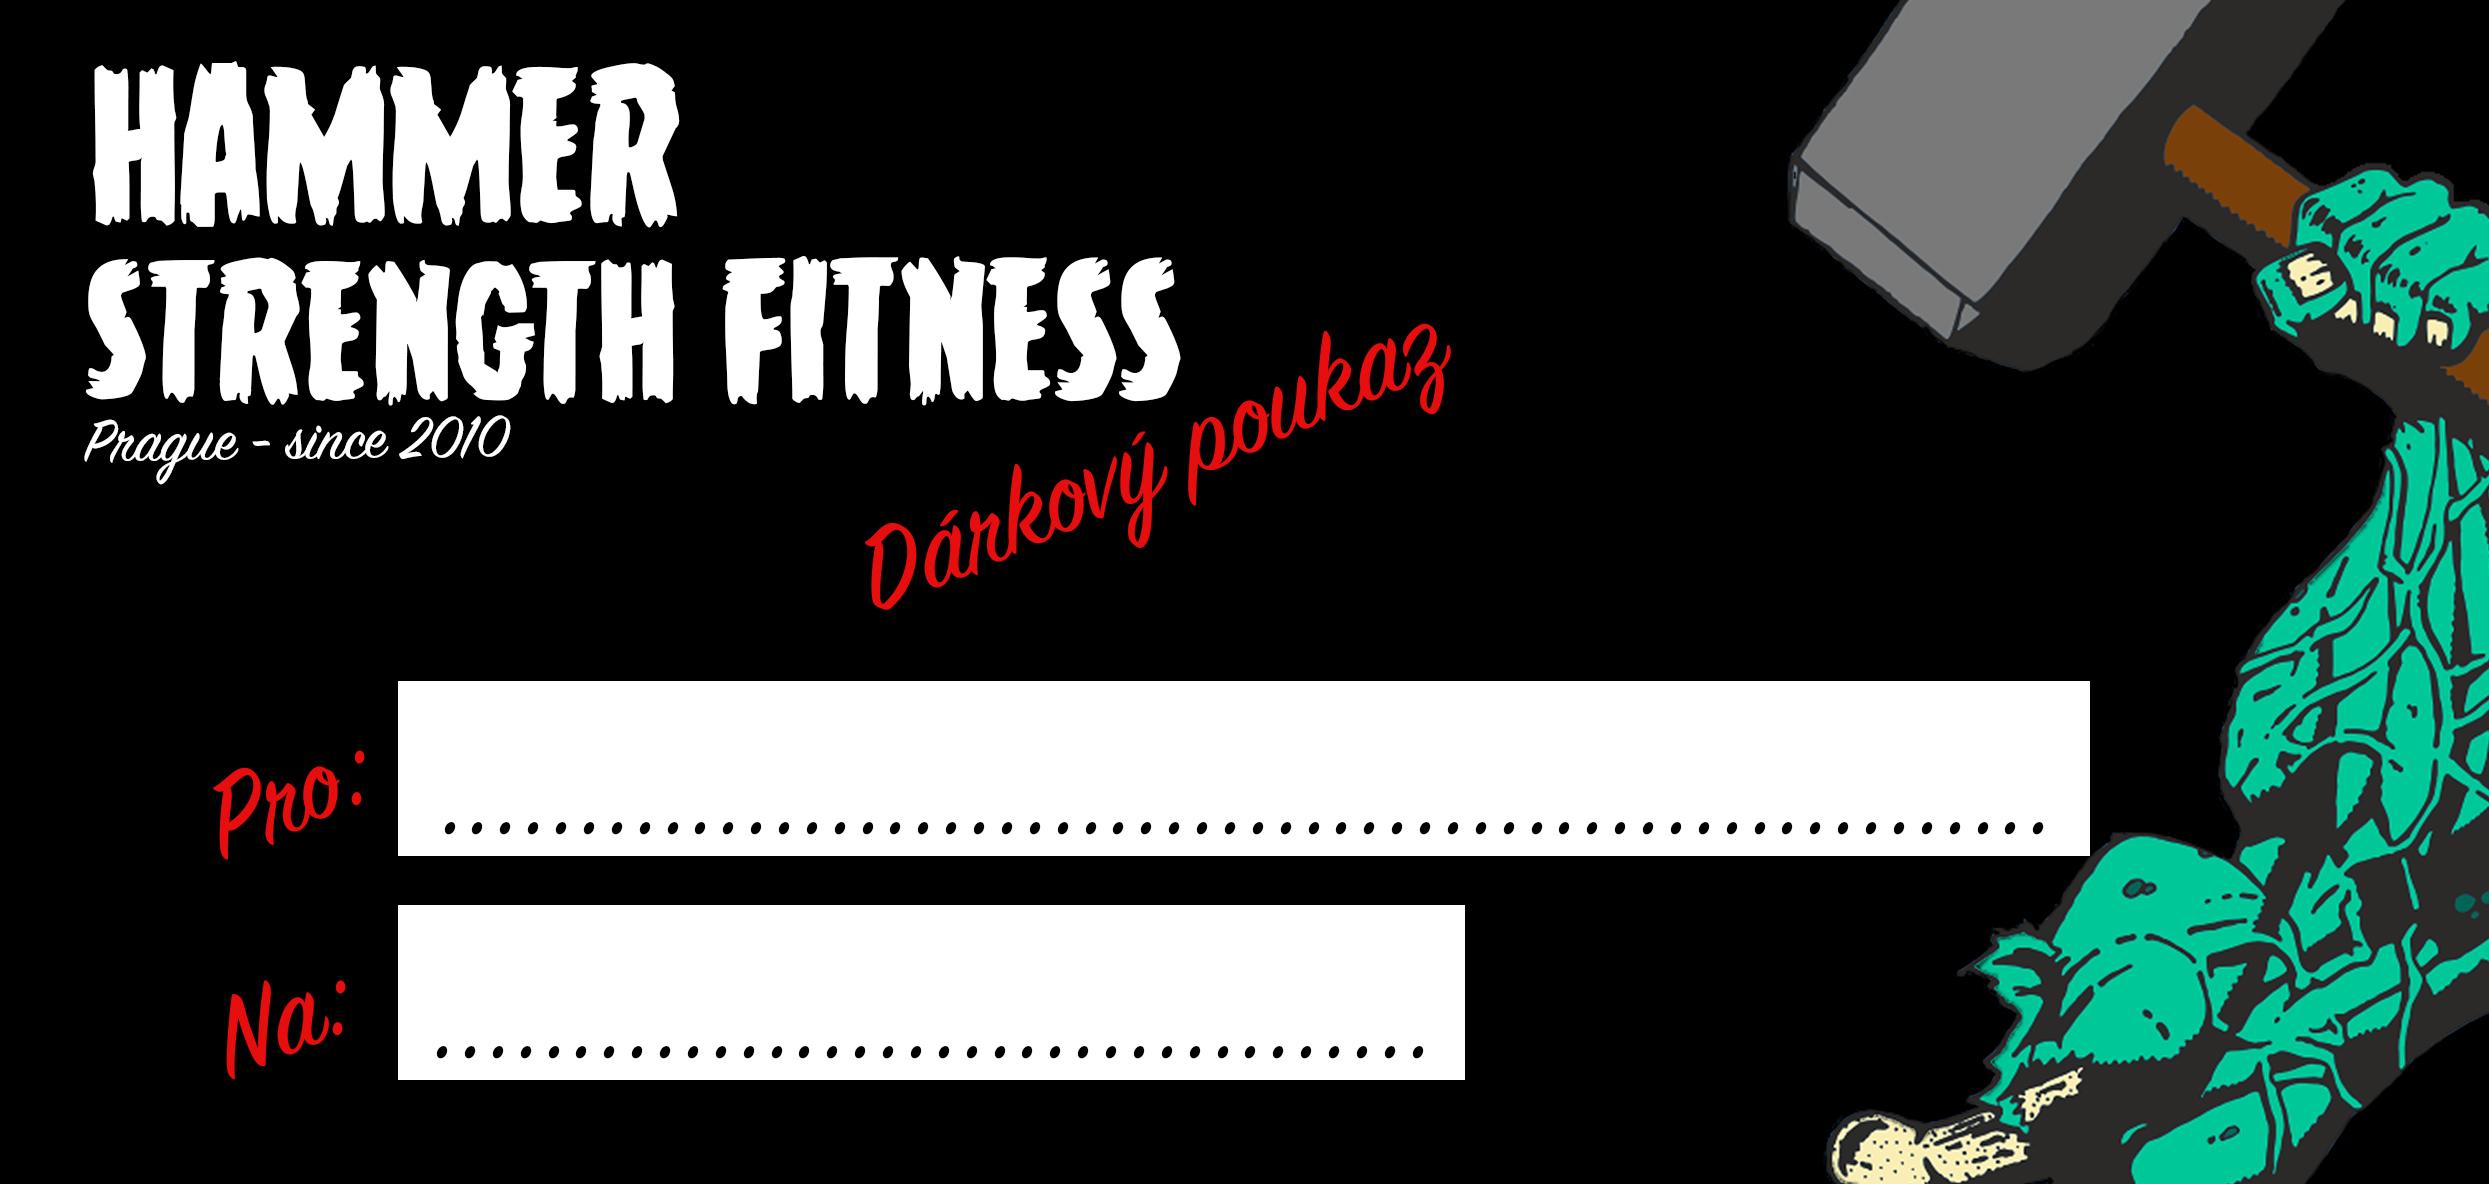 Dárkový poukaz fitness hammer strength praha 13 stodůlky joga skupinové lekce wellness